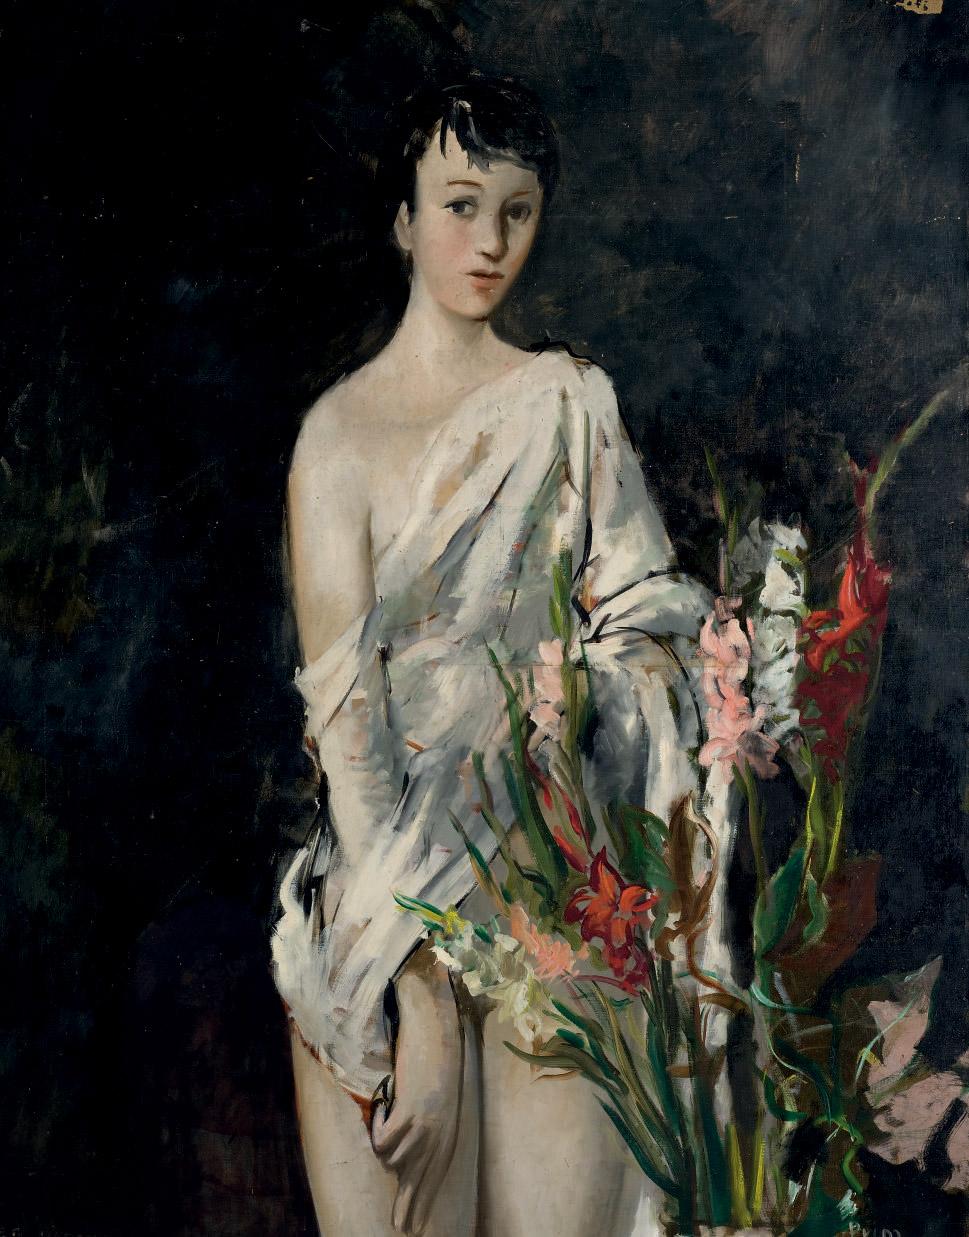 PEDRO PRUNA O'CERANS (1904-1977)